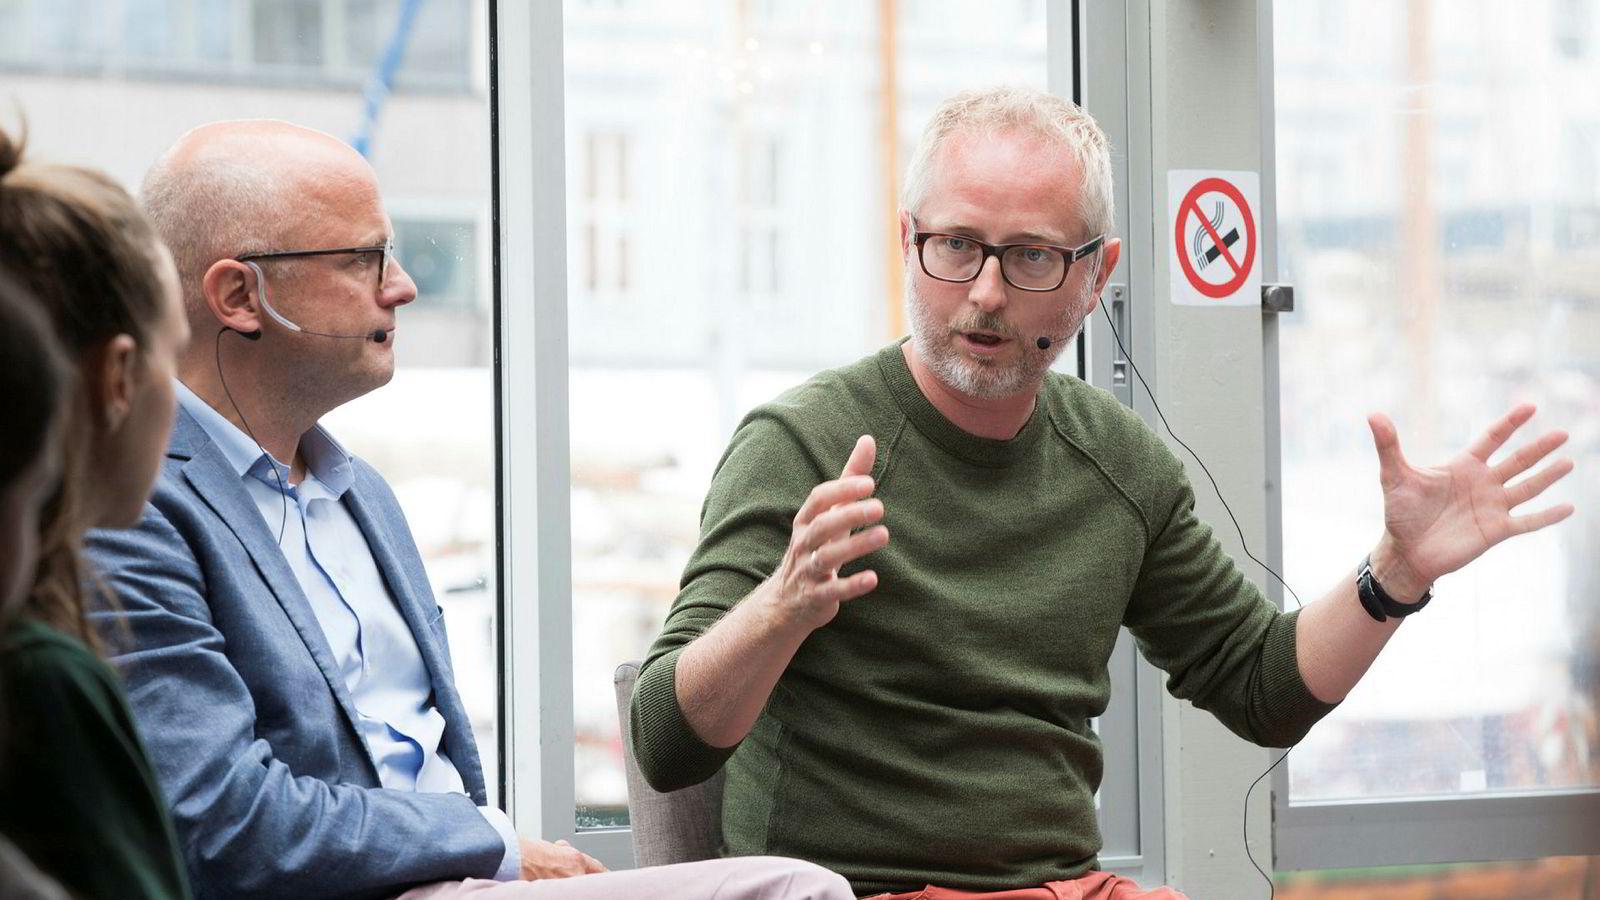 Vidar Helgesen (t.v.) og Bård Vegar Solhjell i debatt om miljøet under Arendalsuka i fjor.